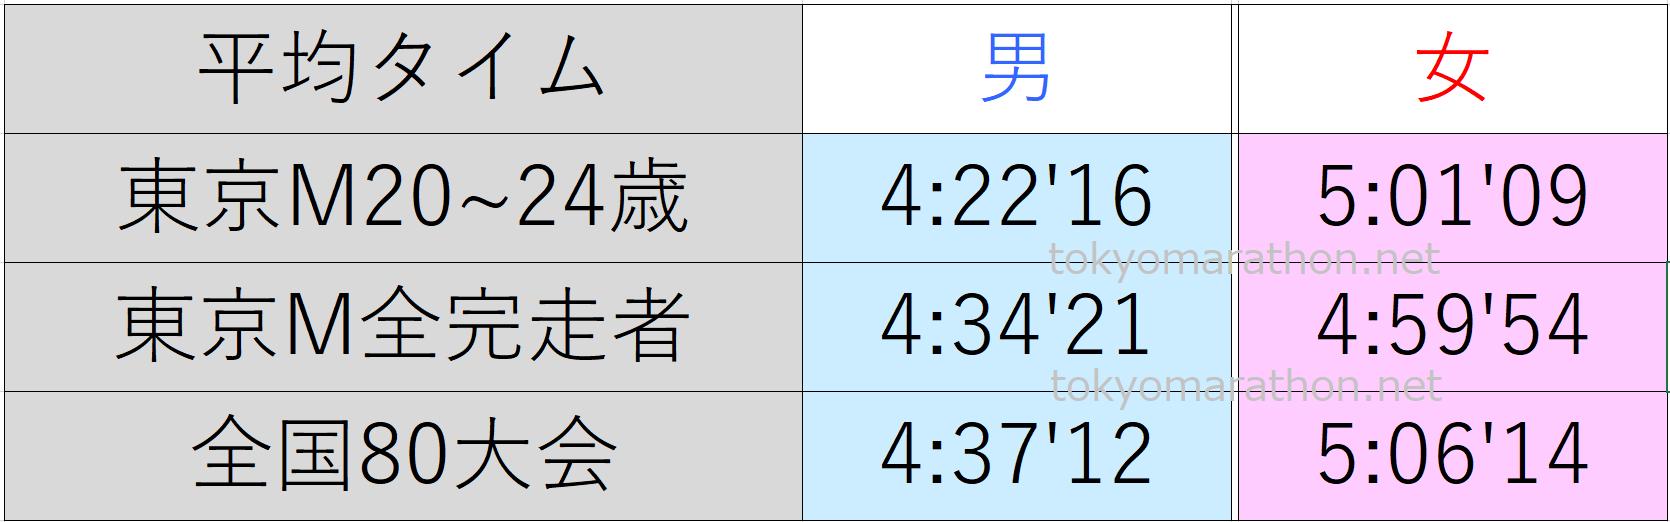 東京マラソン20~24歳の平均タイム、東京マラソン全ランナーの平均タイム、日本陸連公認の80大会の平均タイム一覧表。すべて男女別にまとめた画像です。